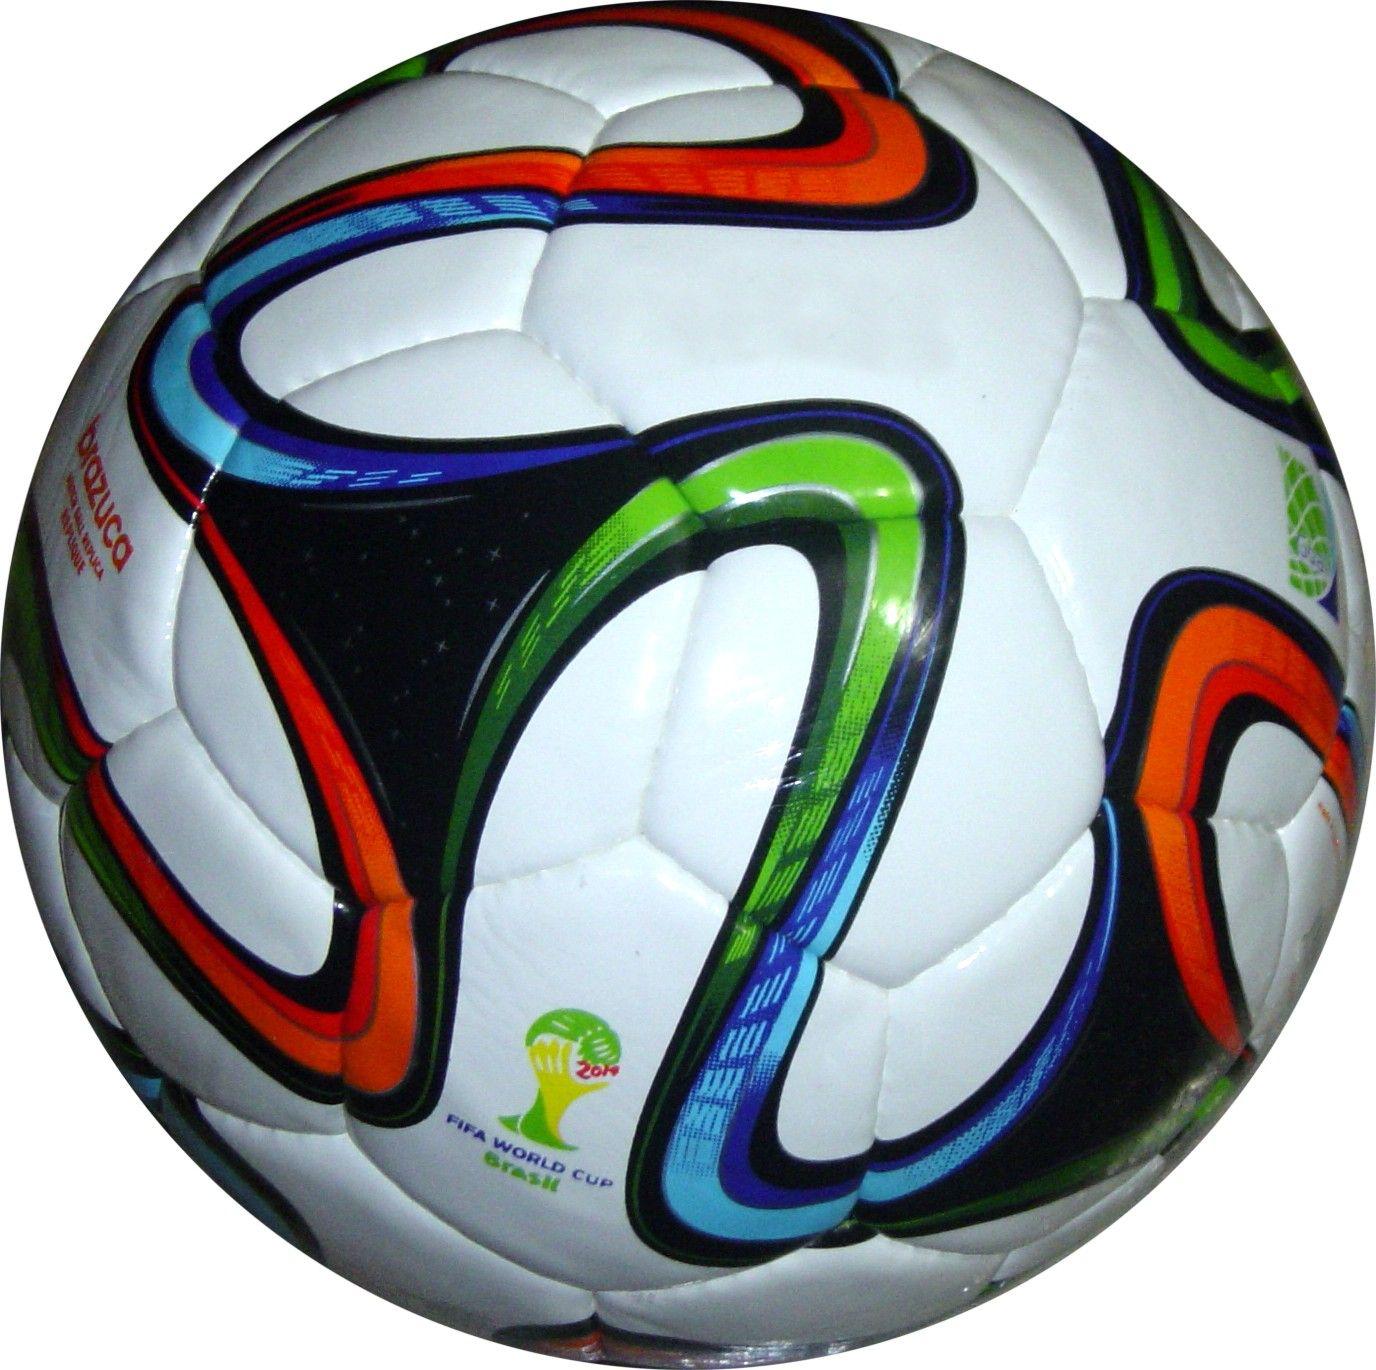 b1df3439a0 Nós somos fabricante e exportador de alta qualidade Championship League  Futebol. Nós podemos produzir 50